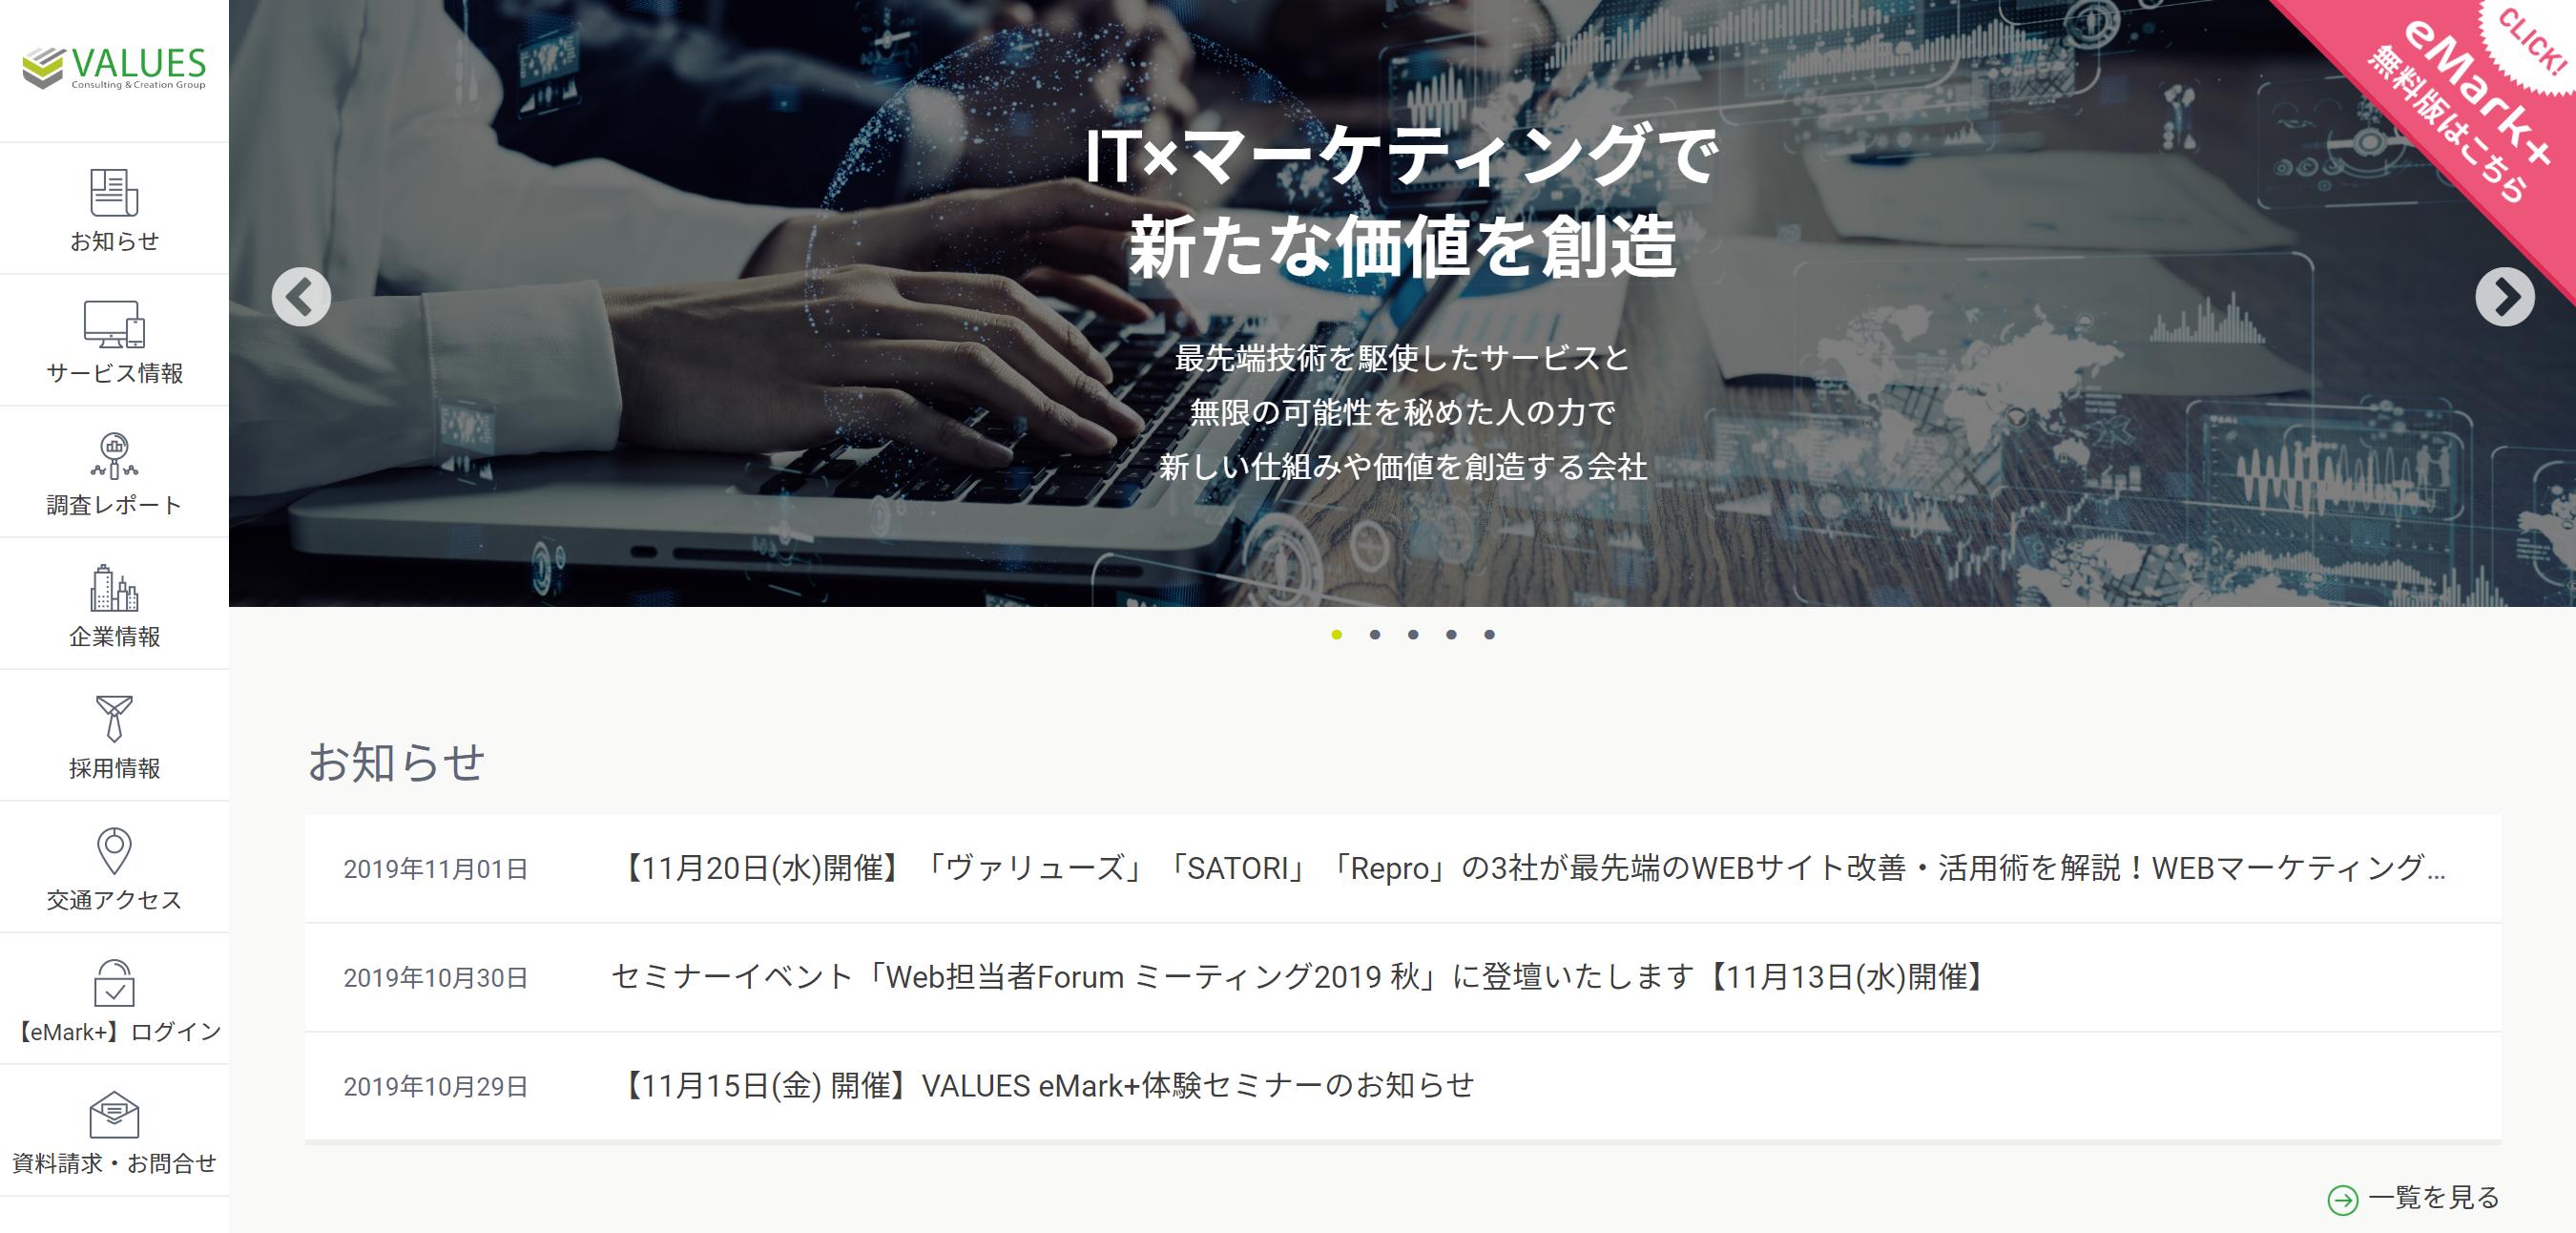 ヴァリューズら 最先端のWEBサイト改善・活用術セミナーを開催